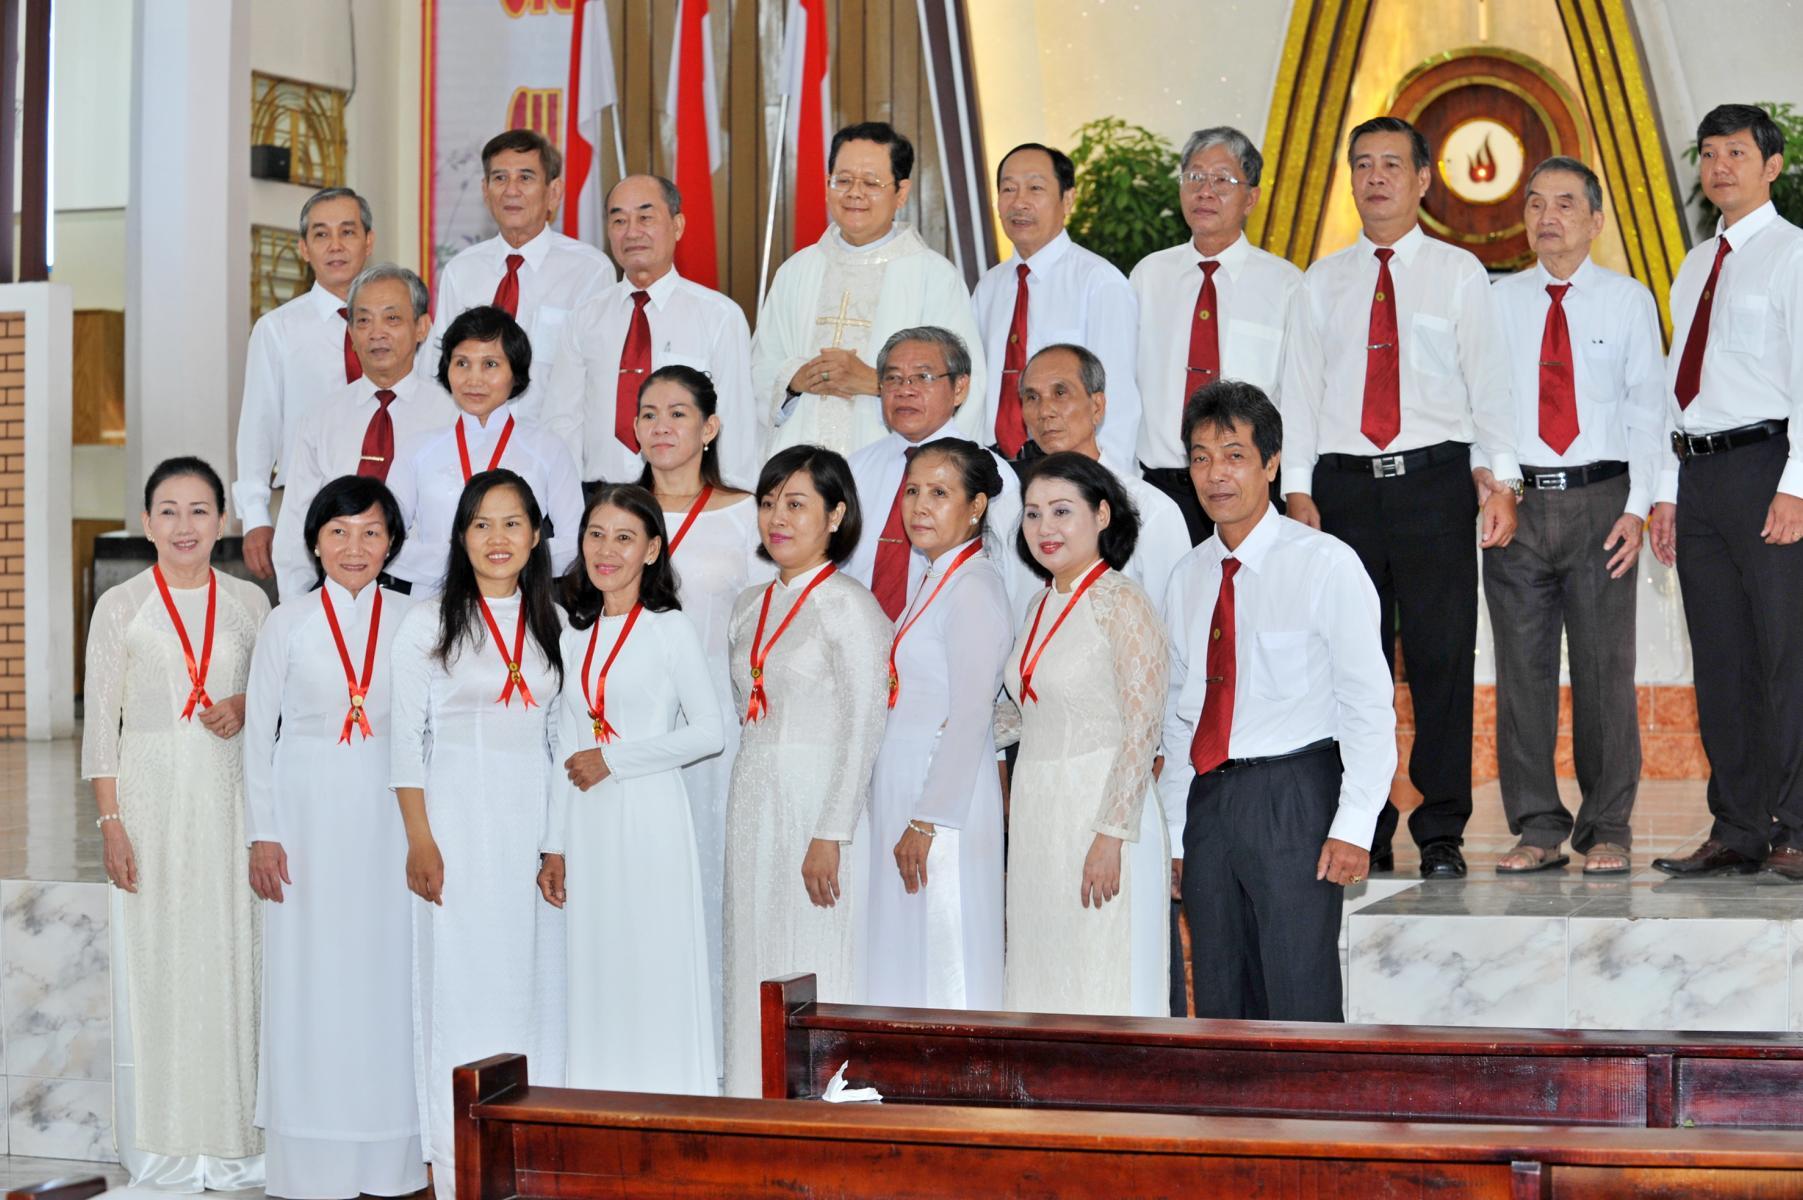 Giáo hạt Tân Định-TGP Sàigòn: